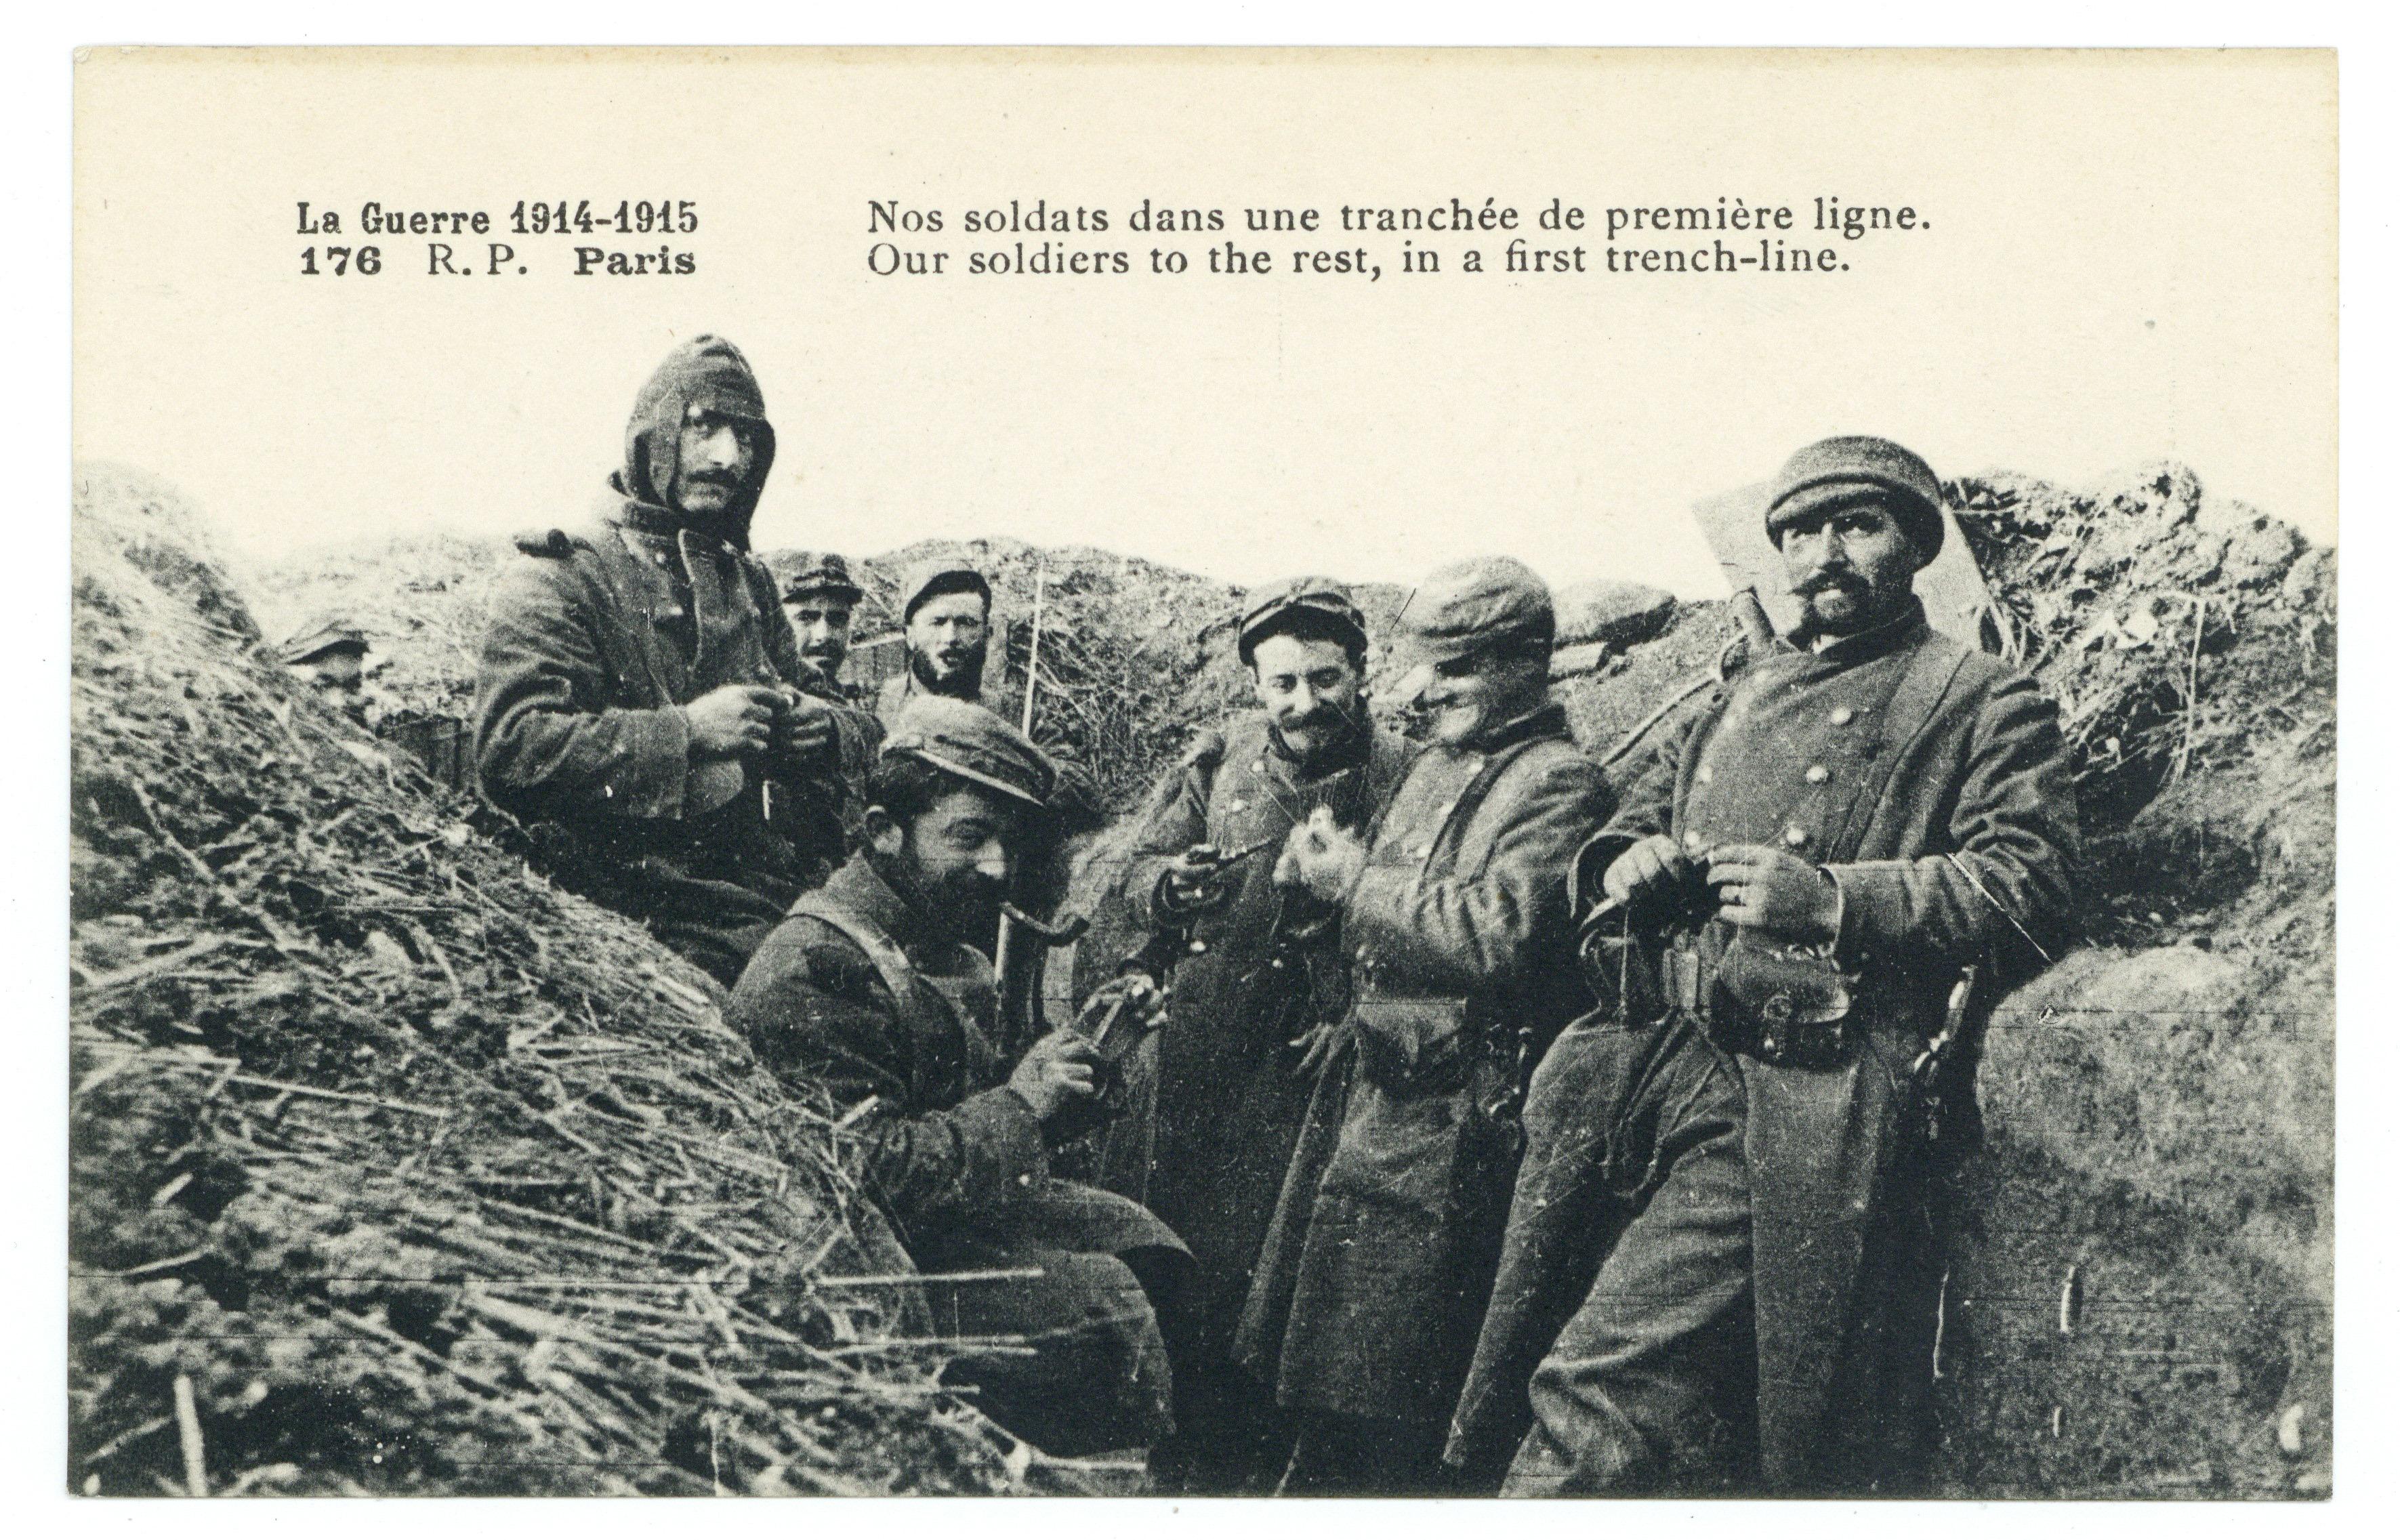 Contenu du Nos soldats dans une tranchée de première ligne. Our soldiers to the reste, in a first trench-line. La Guerre 1914-1915